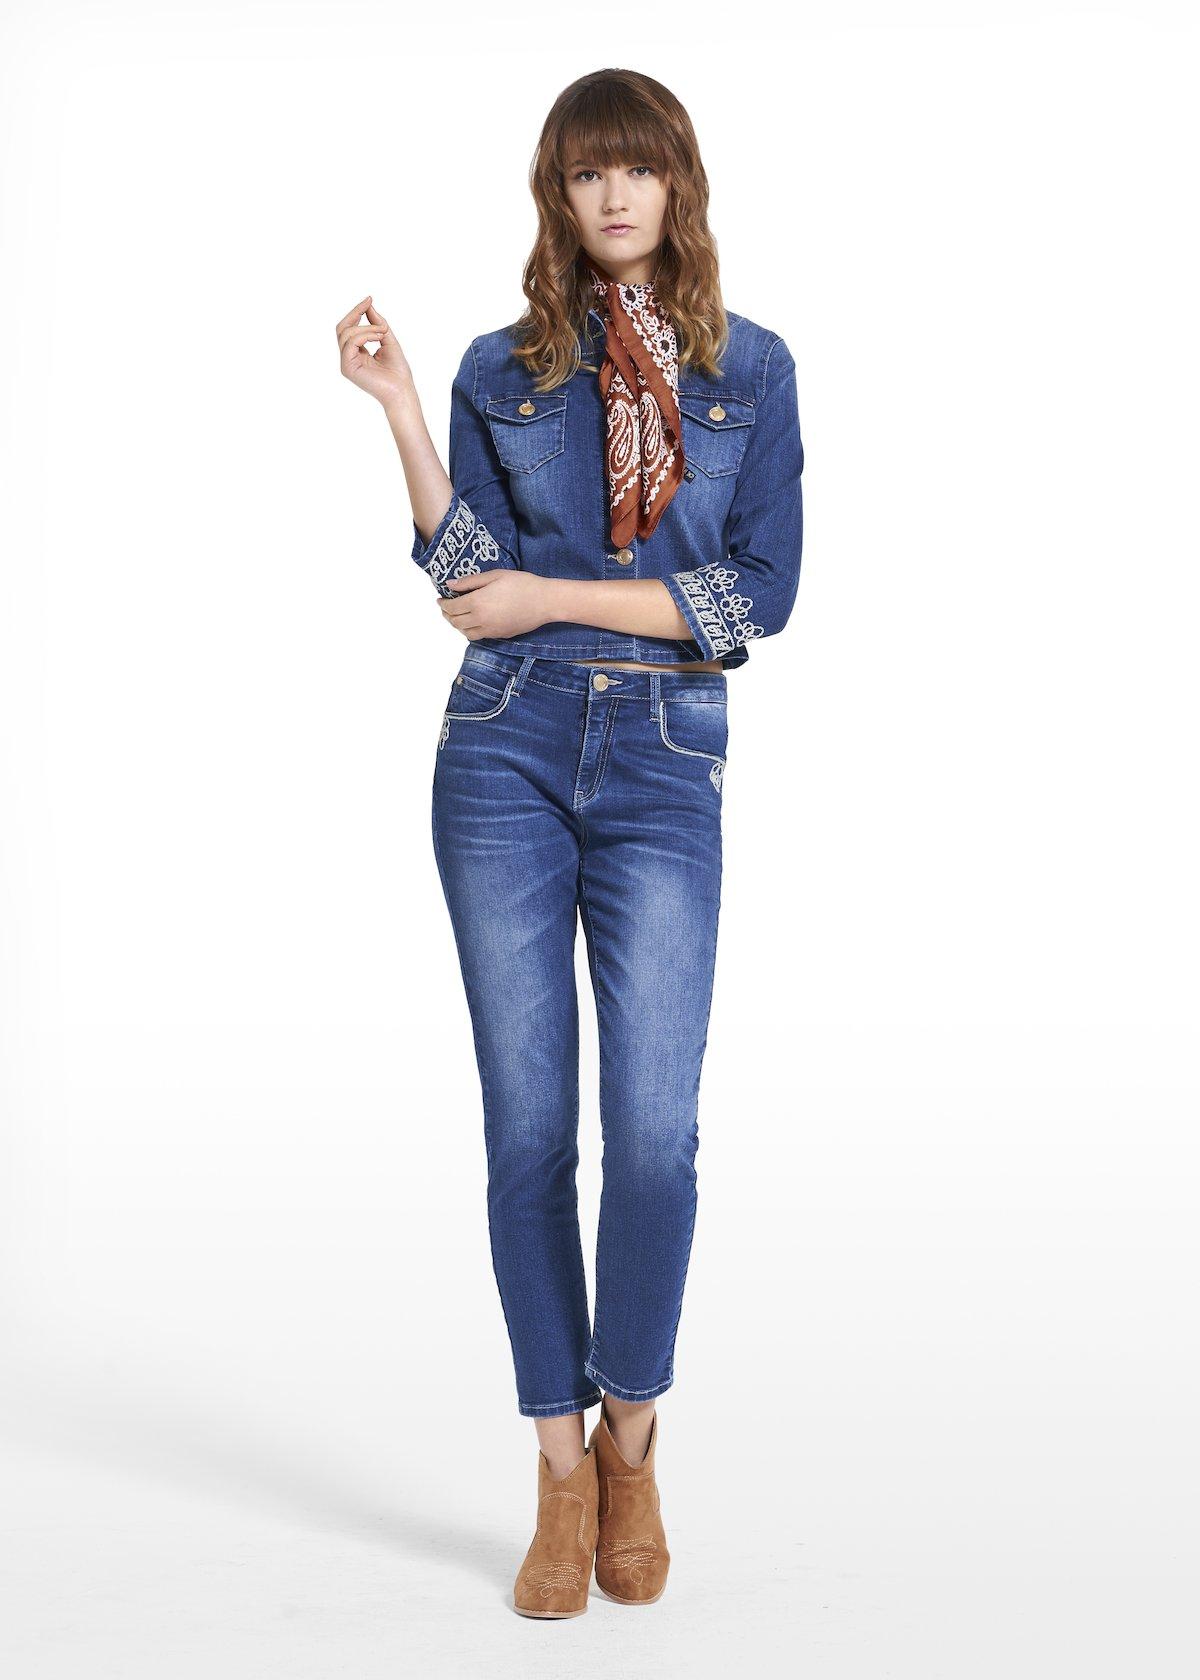 Jeans Donald 5 tasche dal fit slim - Dark Denim - Donna - Immagine categoria